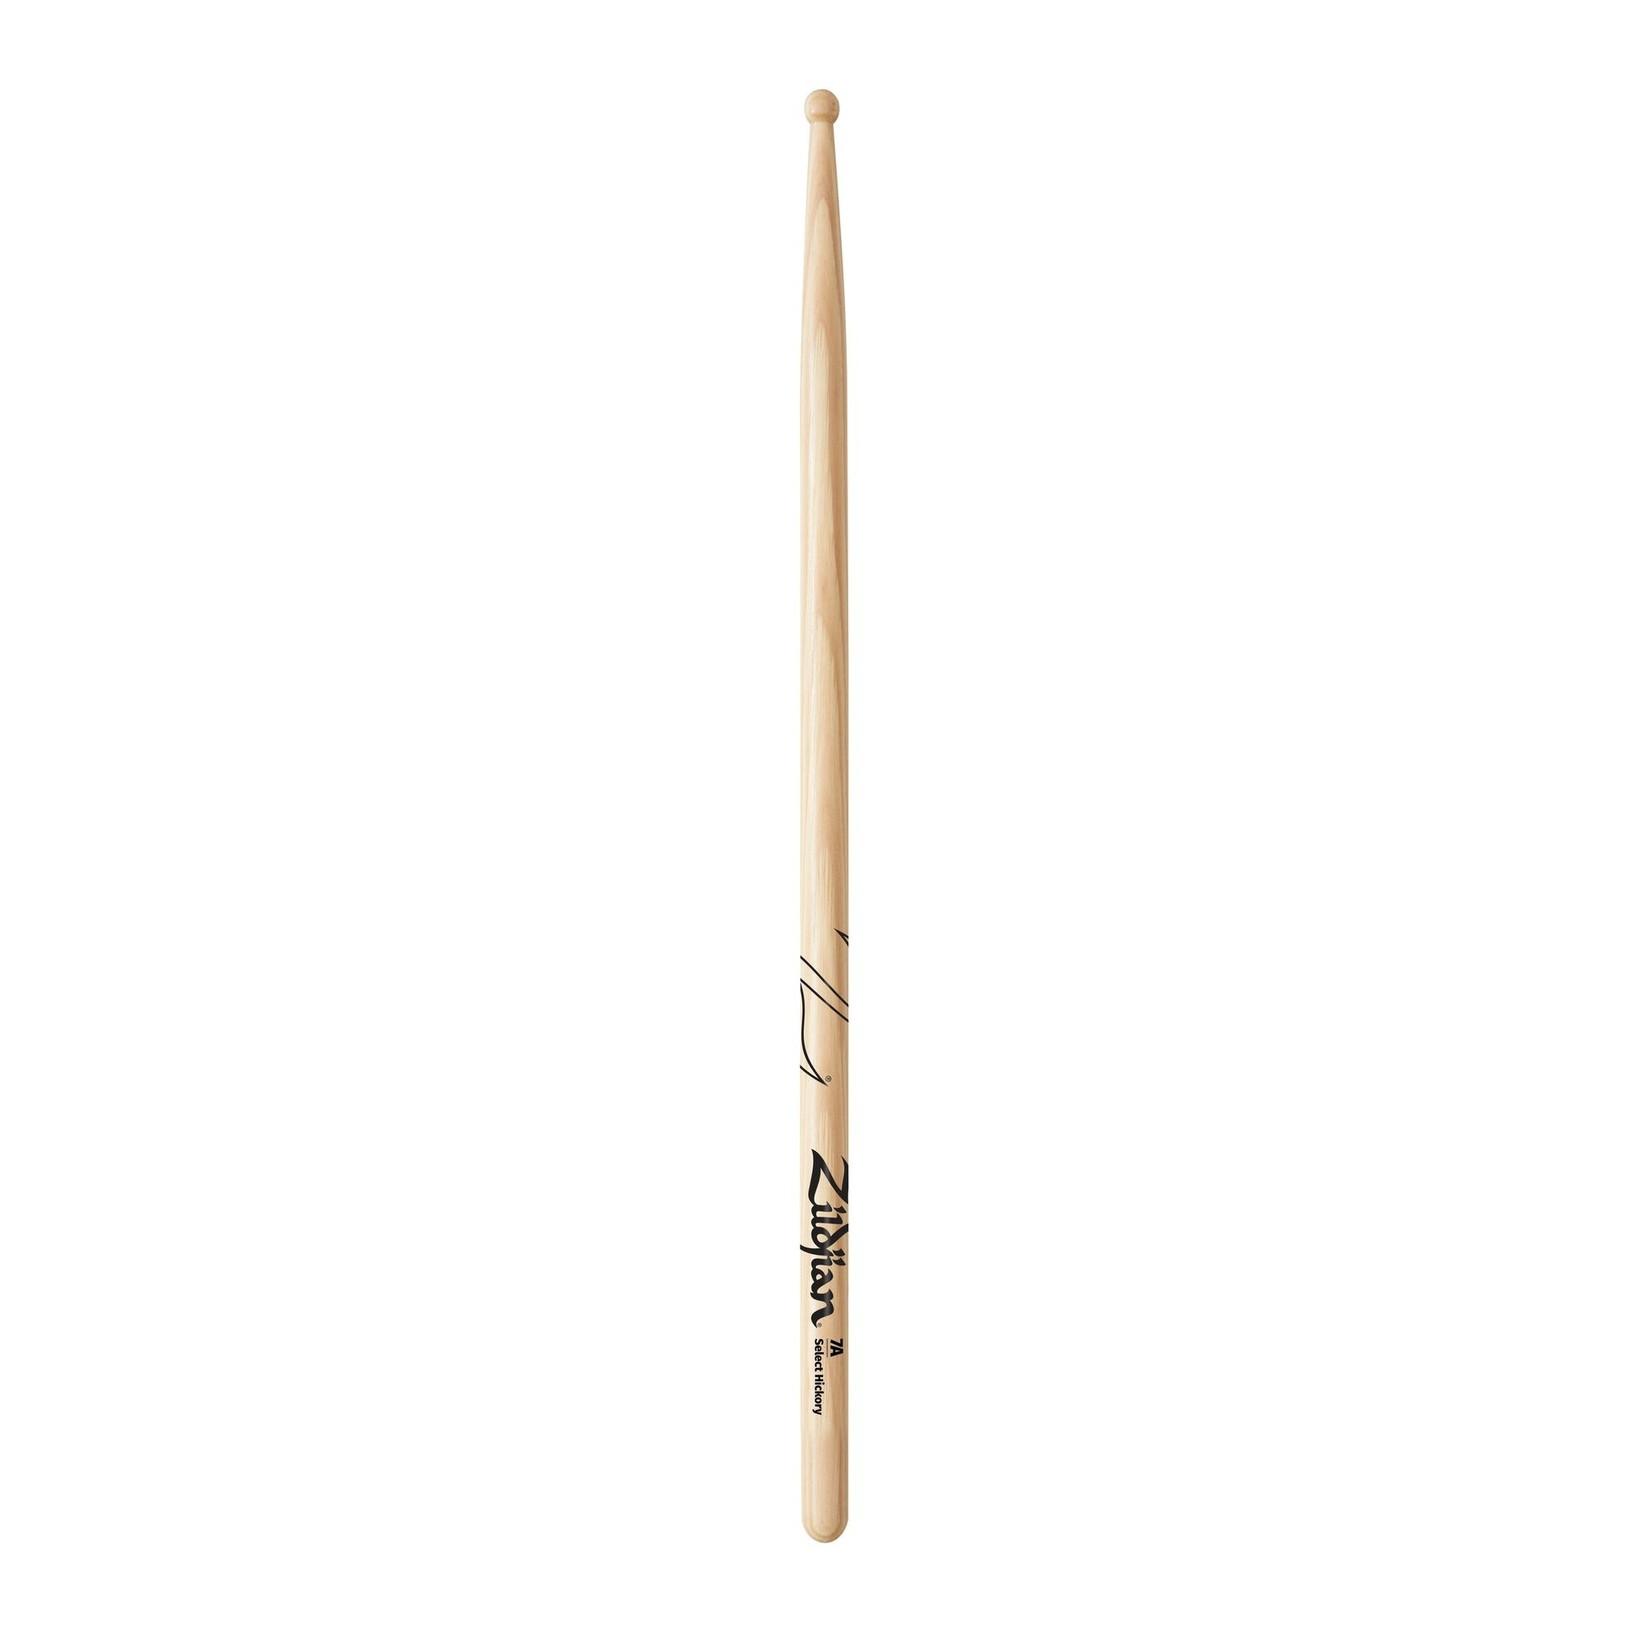 Zildjian Zildjian 7A Drumsticks